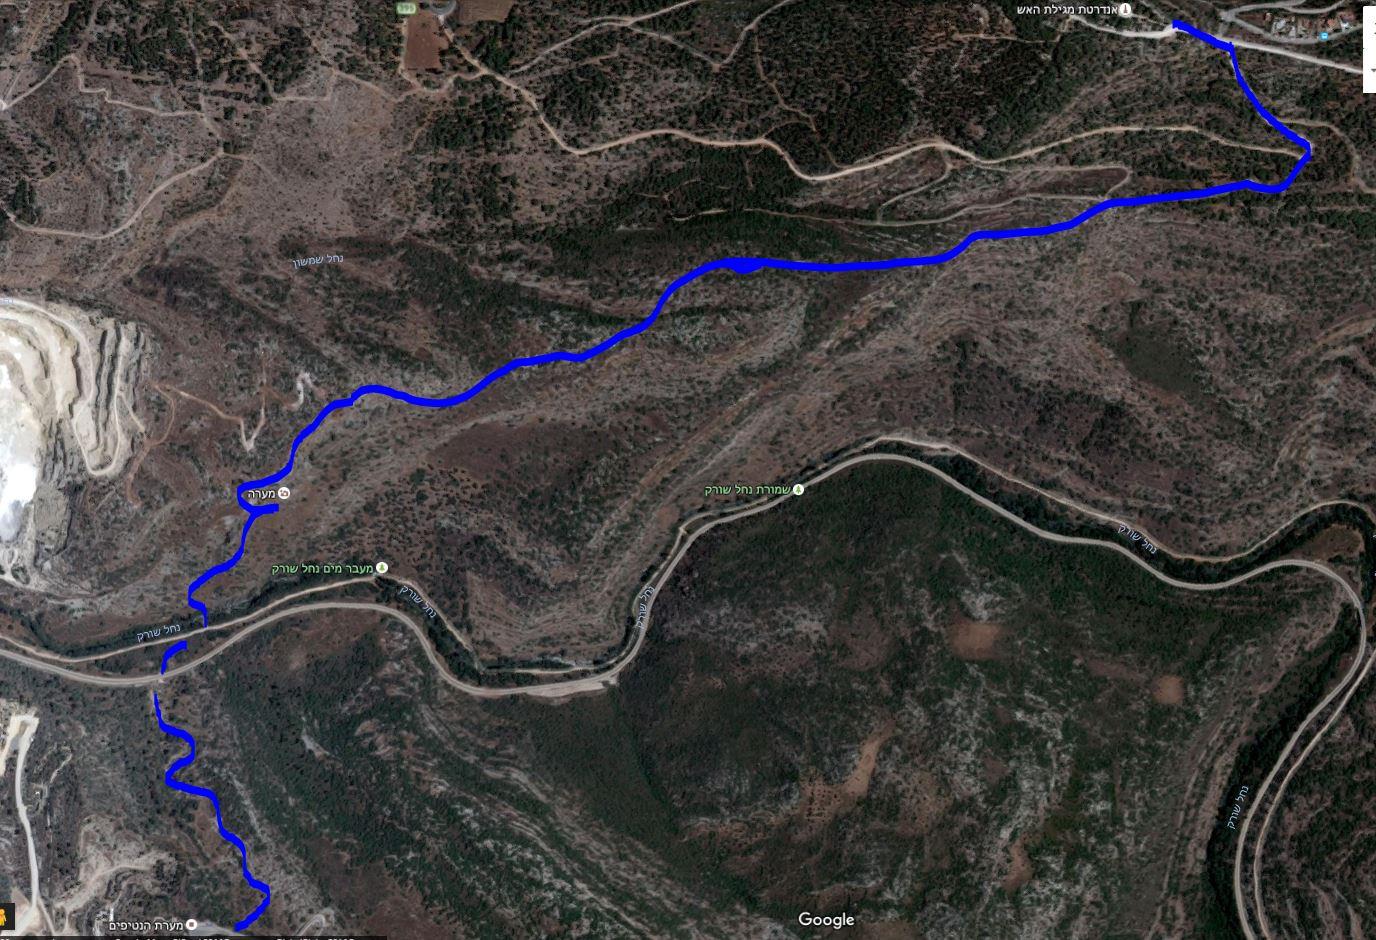 מפת סימון שבילים מאנדרטת מגילת האש אל מערת הנטיפים